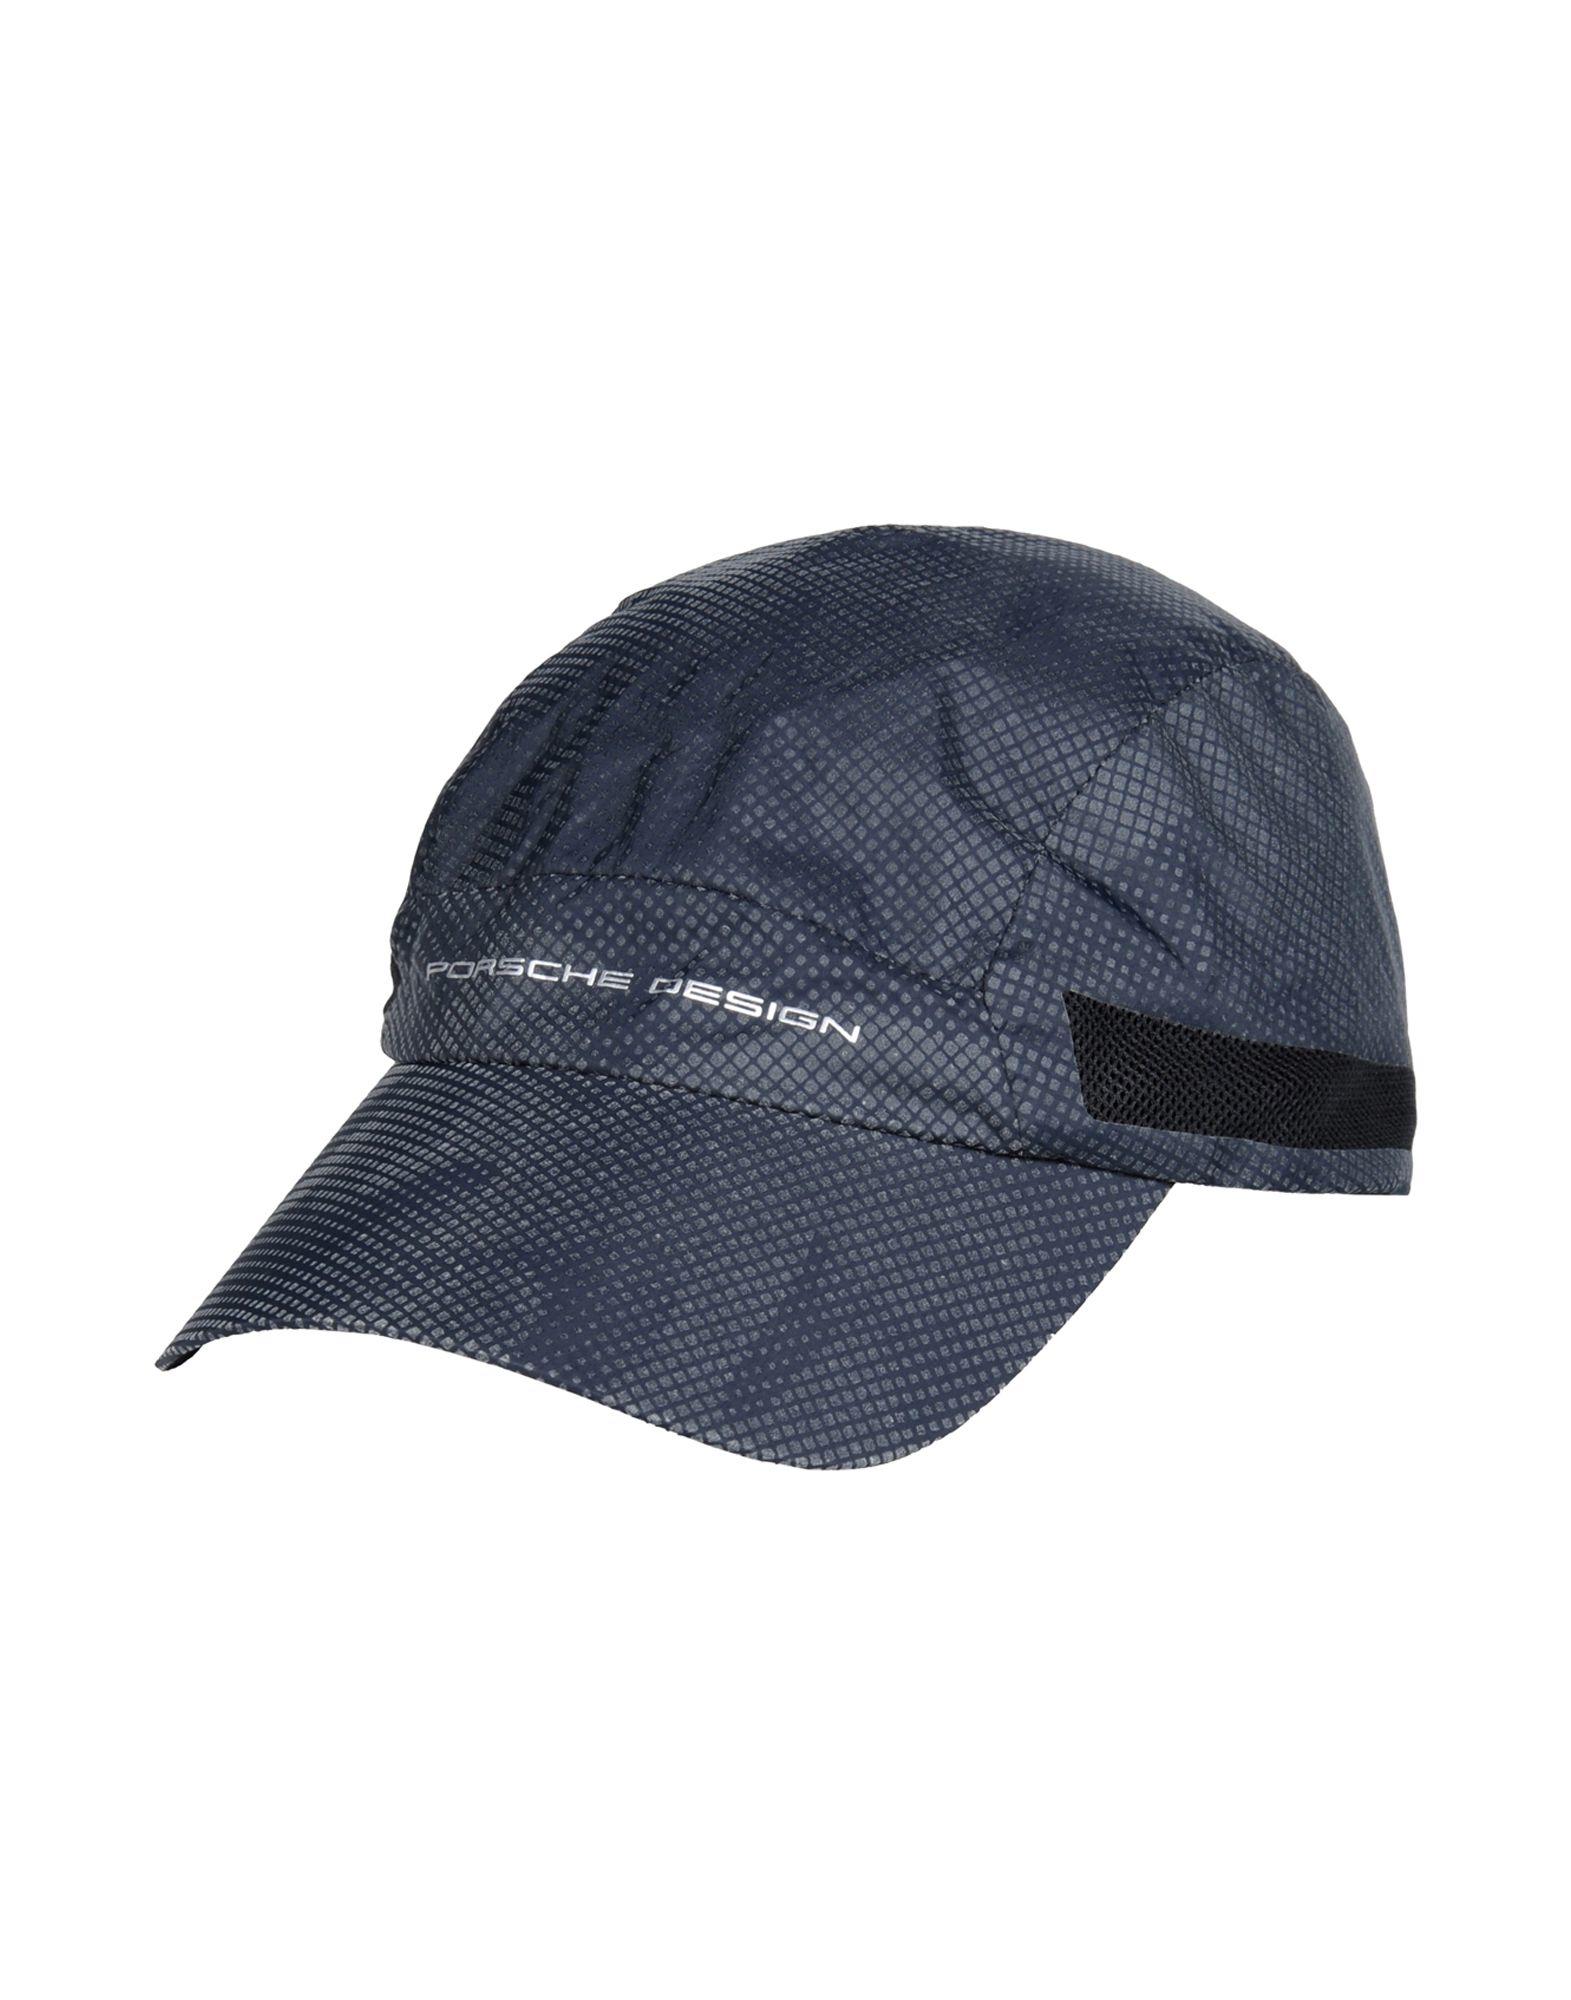 74bd49569ffae Porsche Design Hat in Gray for Men - Lyst